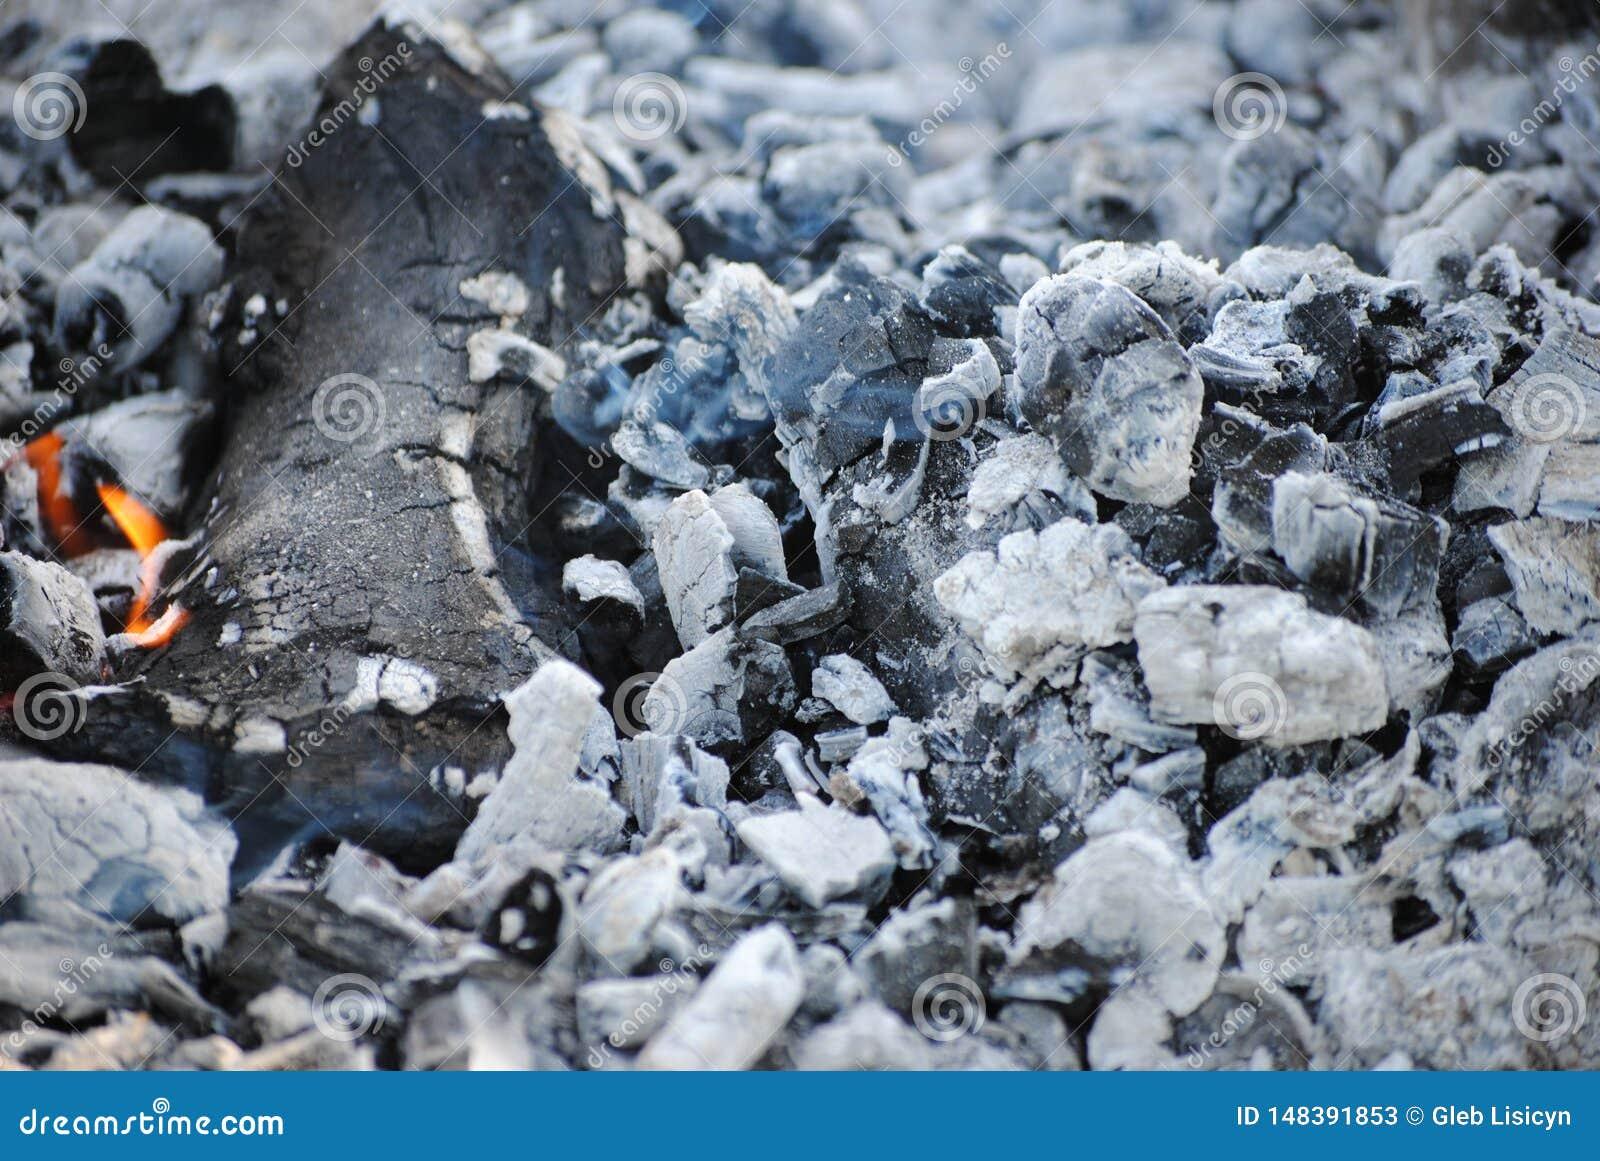 Carvões de um fogo extinto